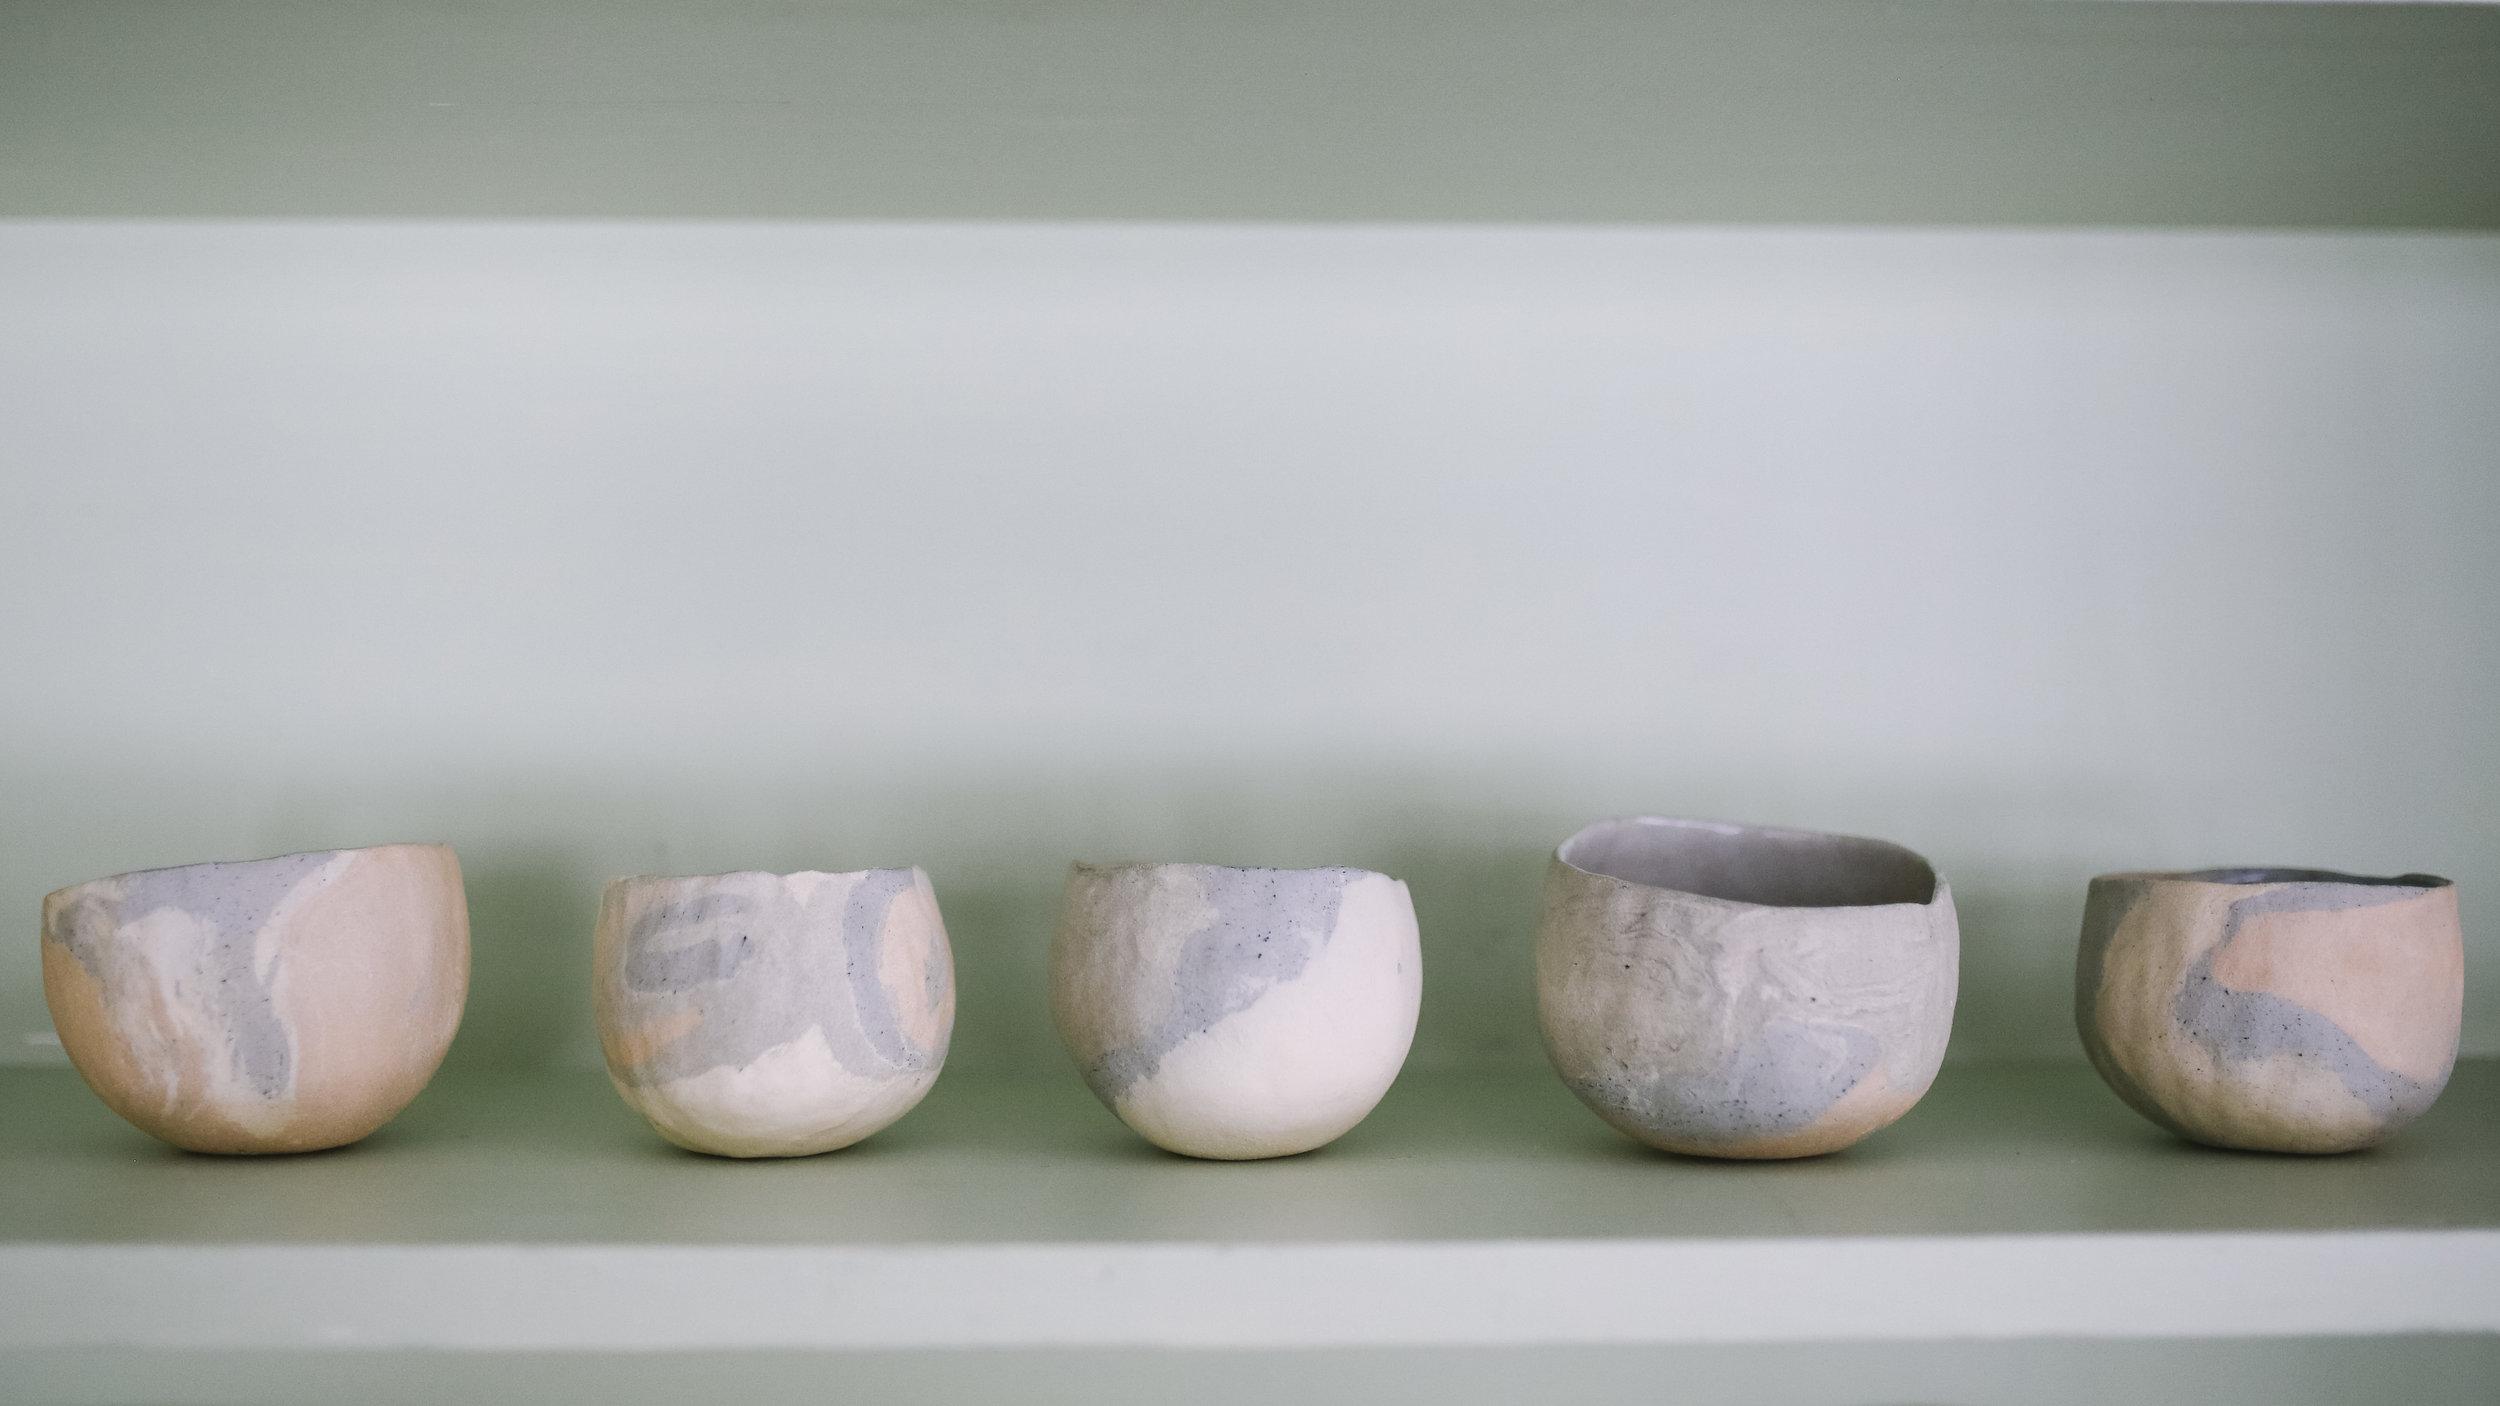 Ceramics_001.jpg